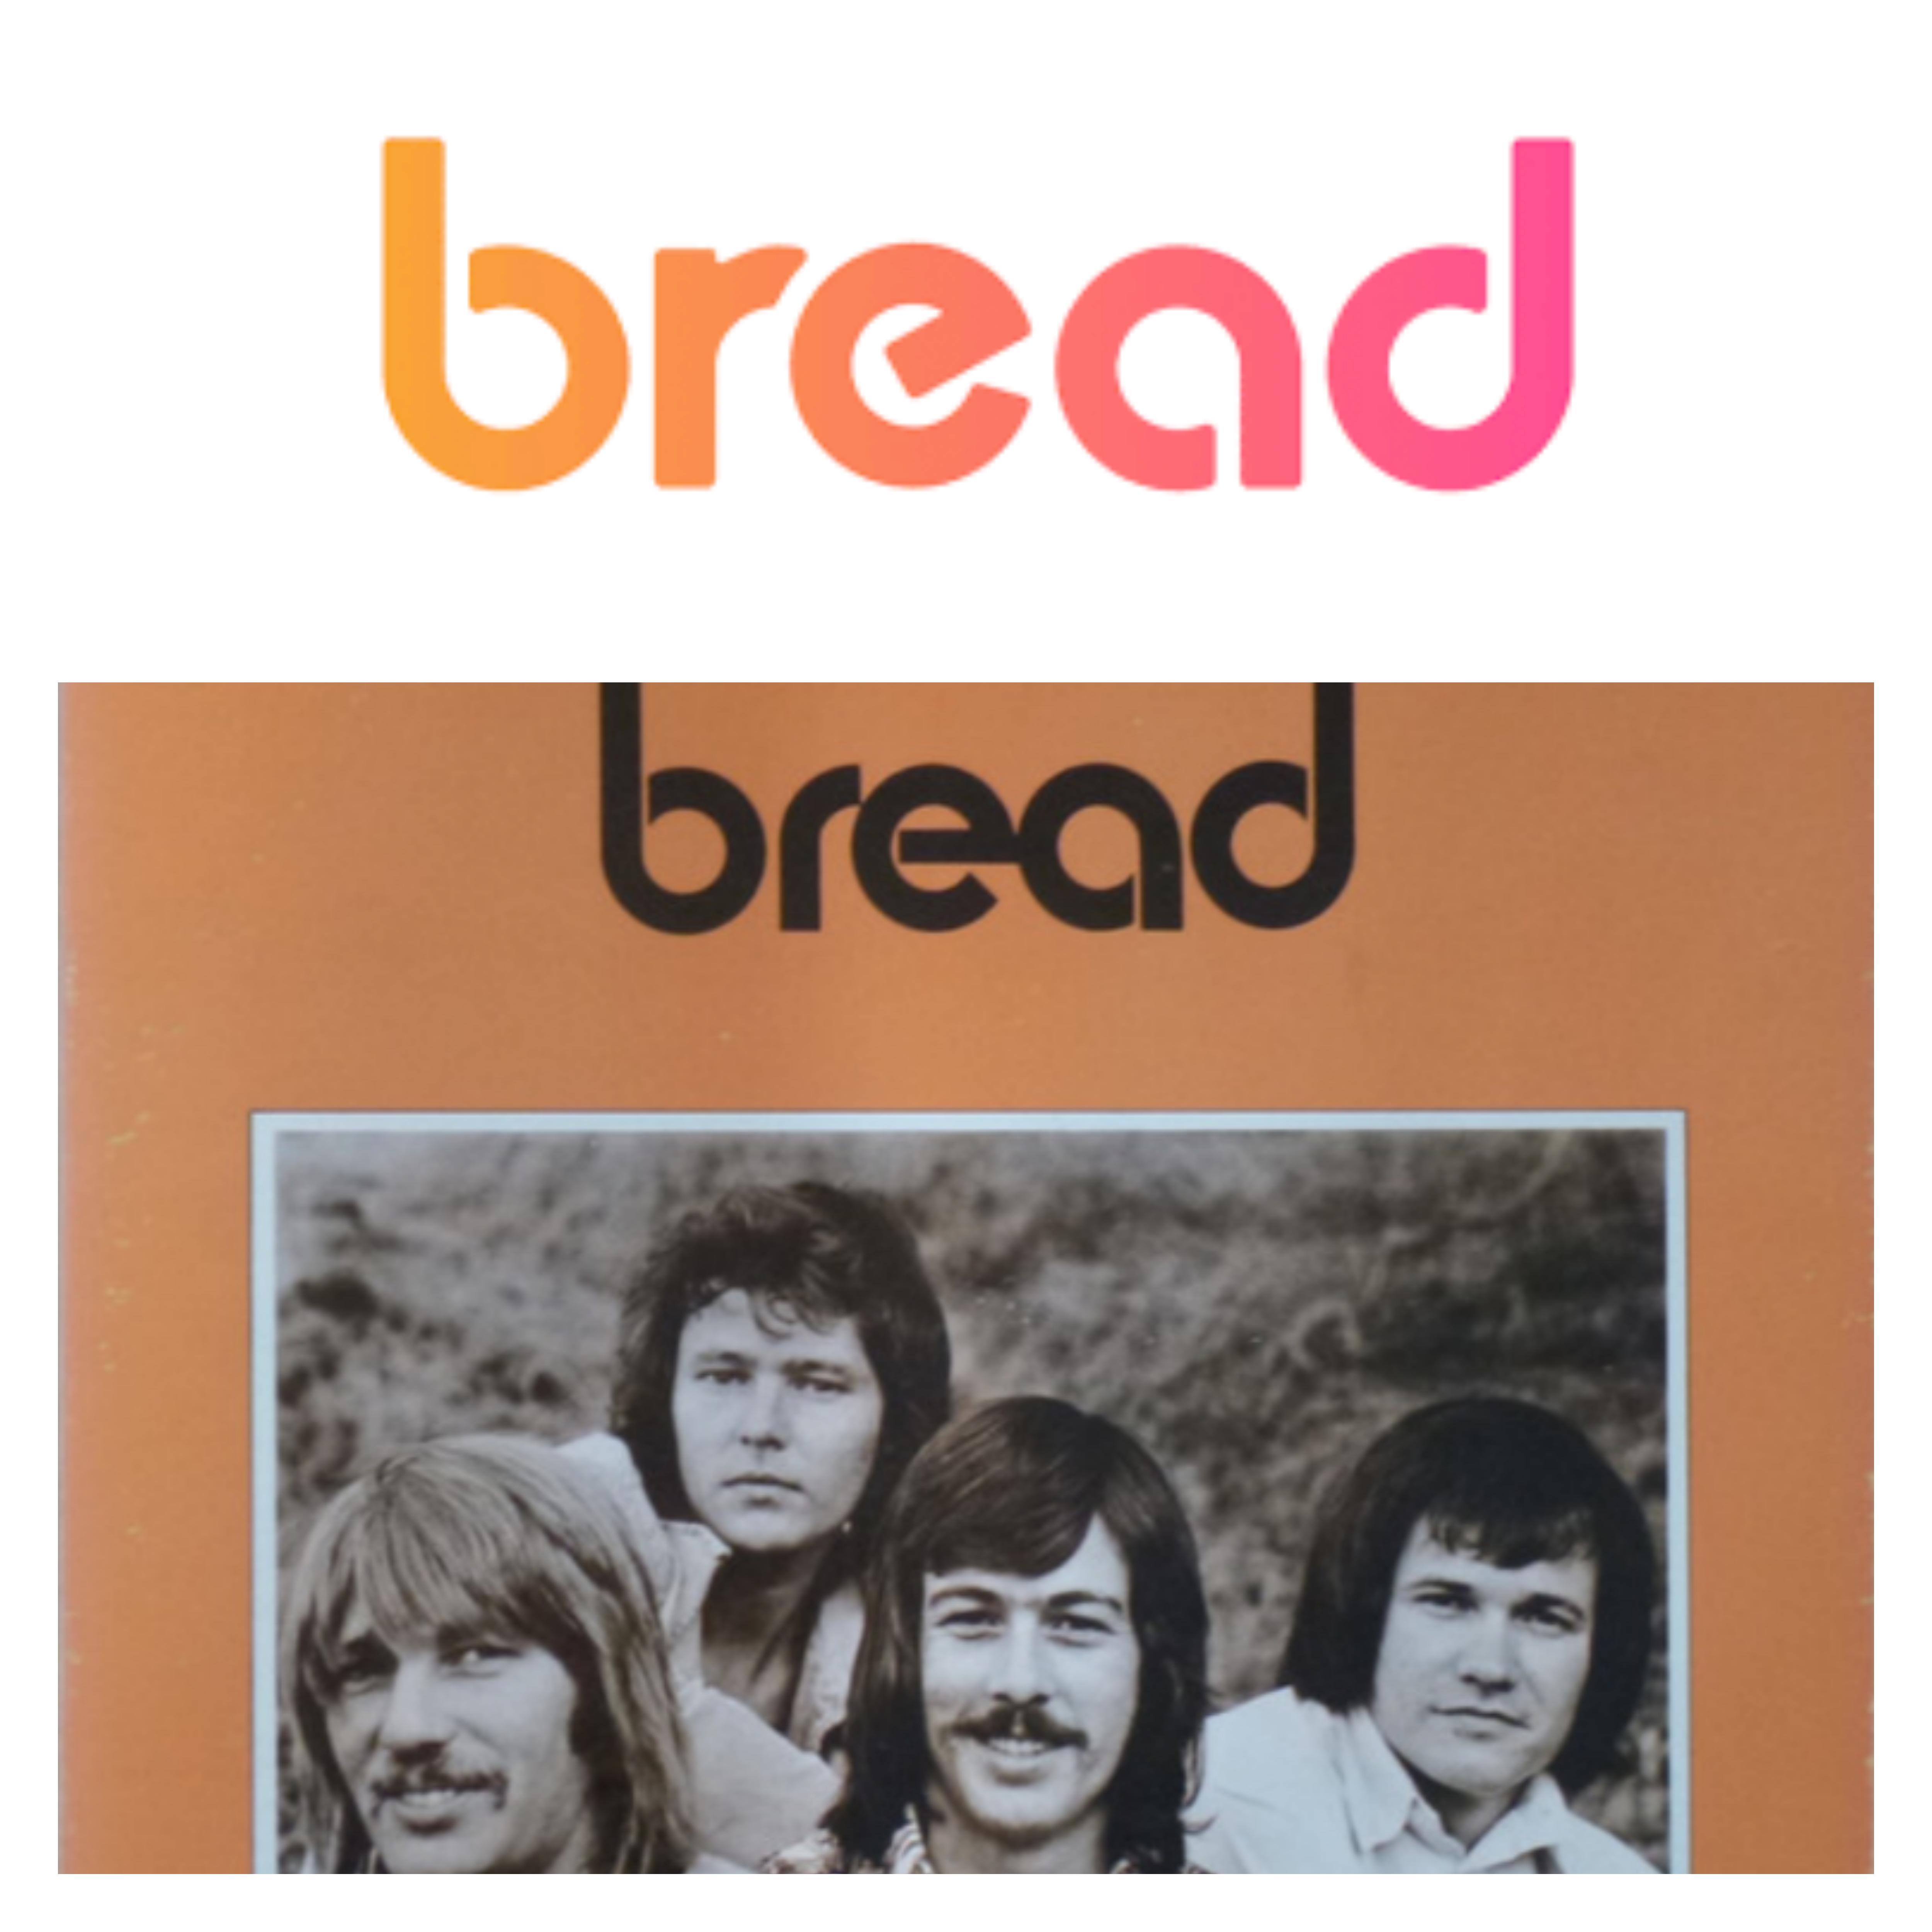 Loggor från bitcoinplånboken Bread och 70-talsbandet Bread.